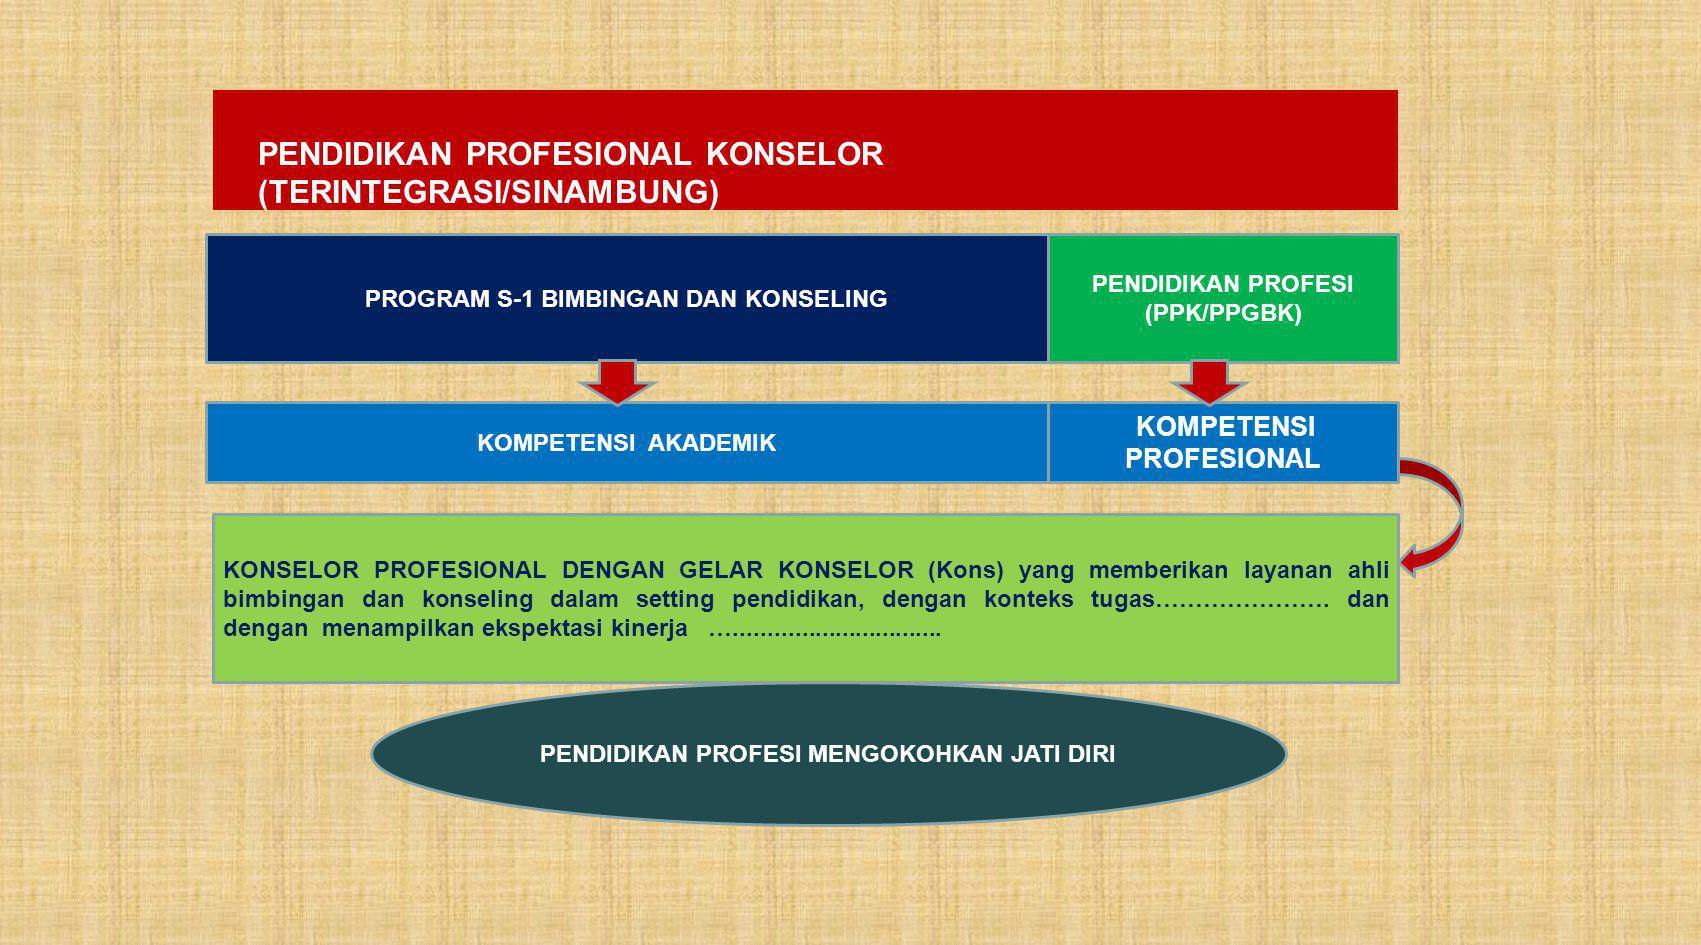 PENDIDIKAN PROFESIONAL KONSELOR (TERINTEGRASI/SINAMBUNG) PROGRAM S-1 BIMBINGAN DAN KONSELING PENDIDIKAN PROFESI (PPK/PPGBK) KOMPETENSI AKADEMIK KOMPETENSI PROFESIONAL KONSELOR PROFESIONAL DENGAN GELAR KONSELOR (Kons) yang memberikan layanan ahli bimbingan dan konseling dalam setting pendidikan, dengan konteks tugas………………….